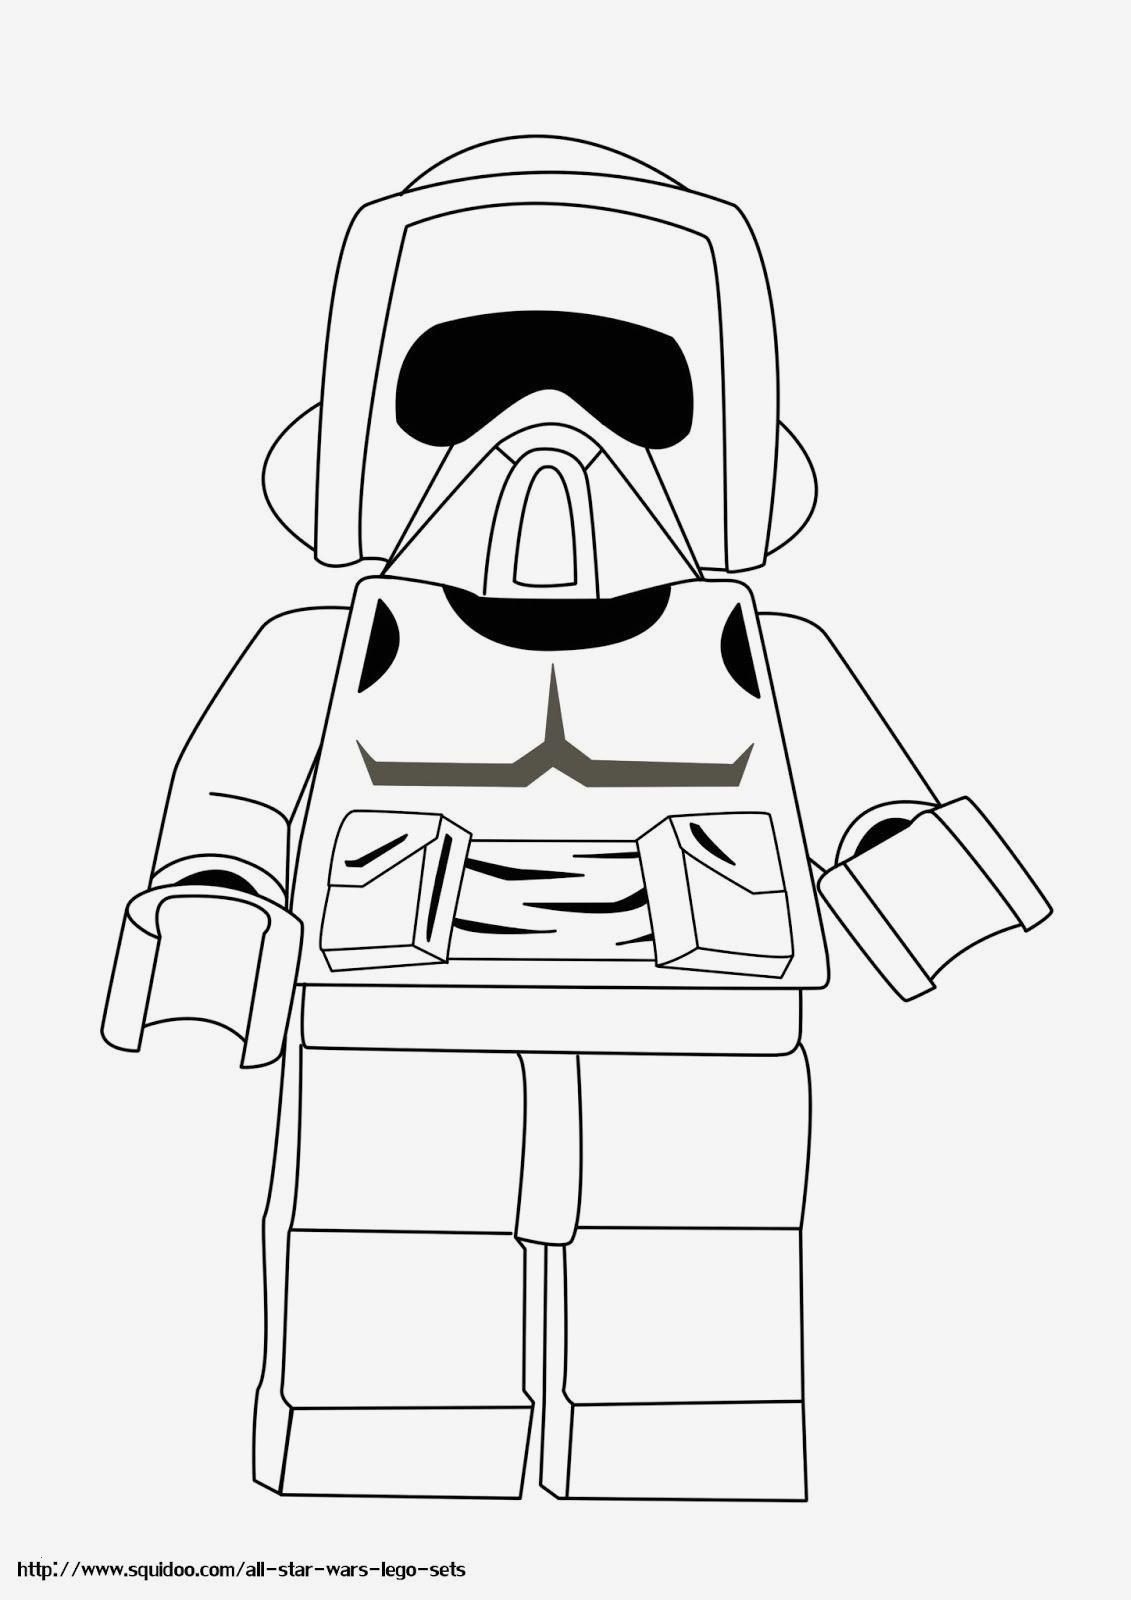 Ausmalbilder Star Wars Frisch the Clone Wars Coloring Pages Star Wars Christmas Coloring Pages Neu Bilder